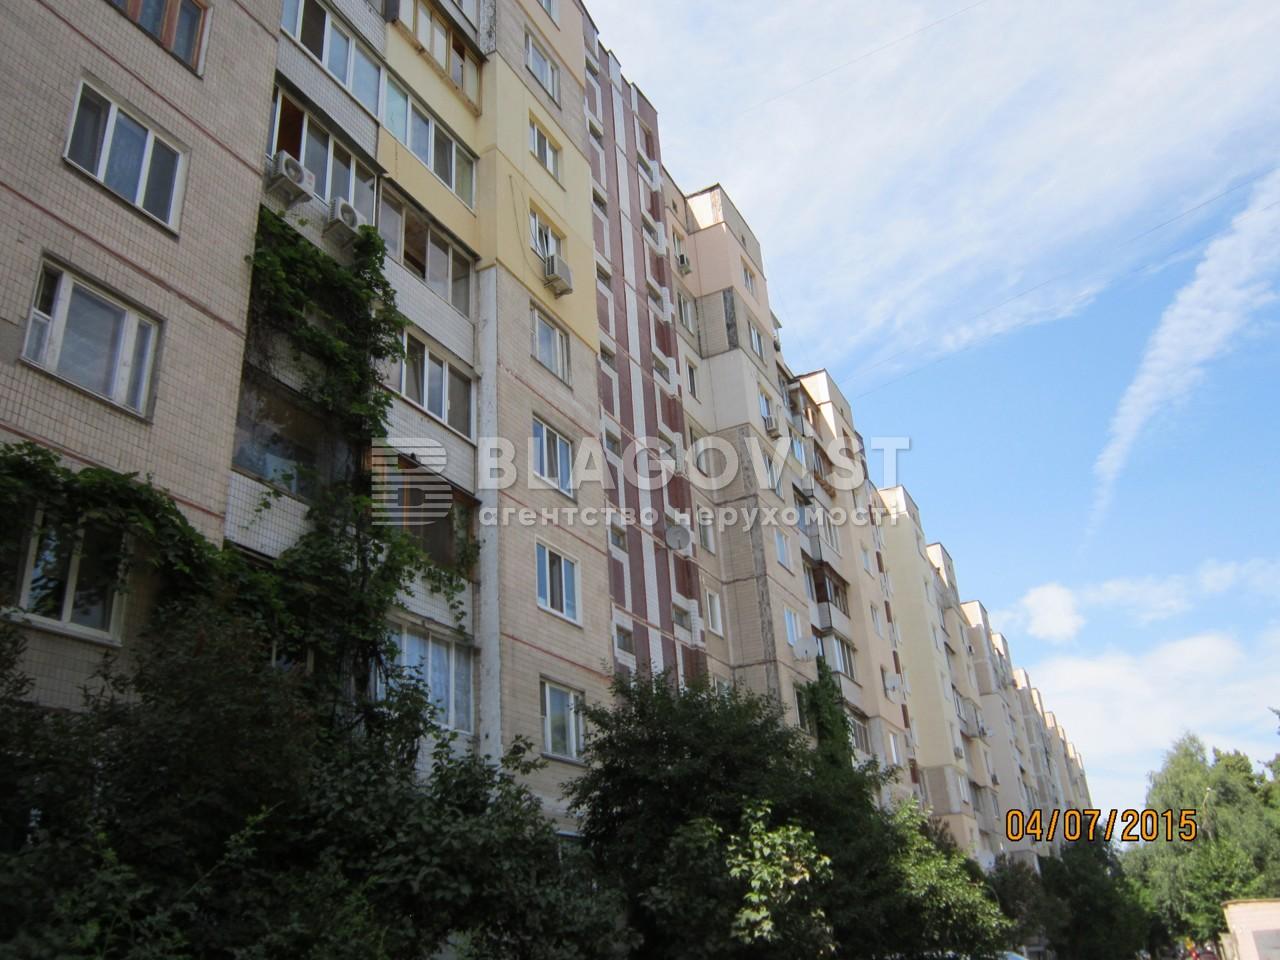 Нежитлове приміщення, H-33370, Кудряшова, Київ - Фото 1